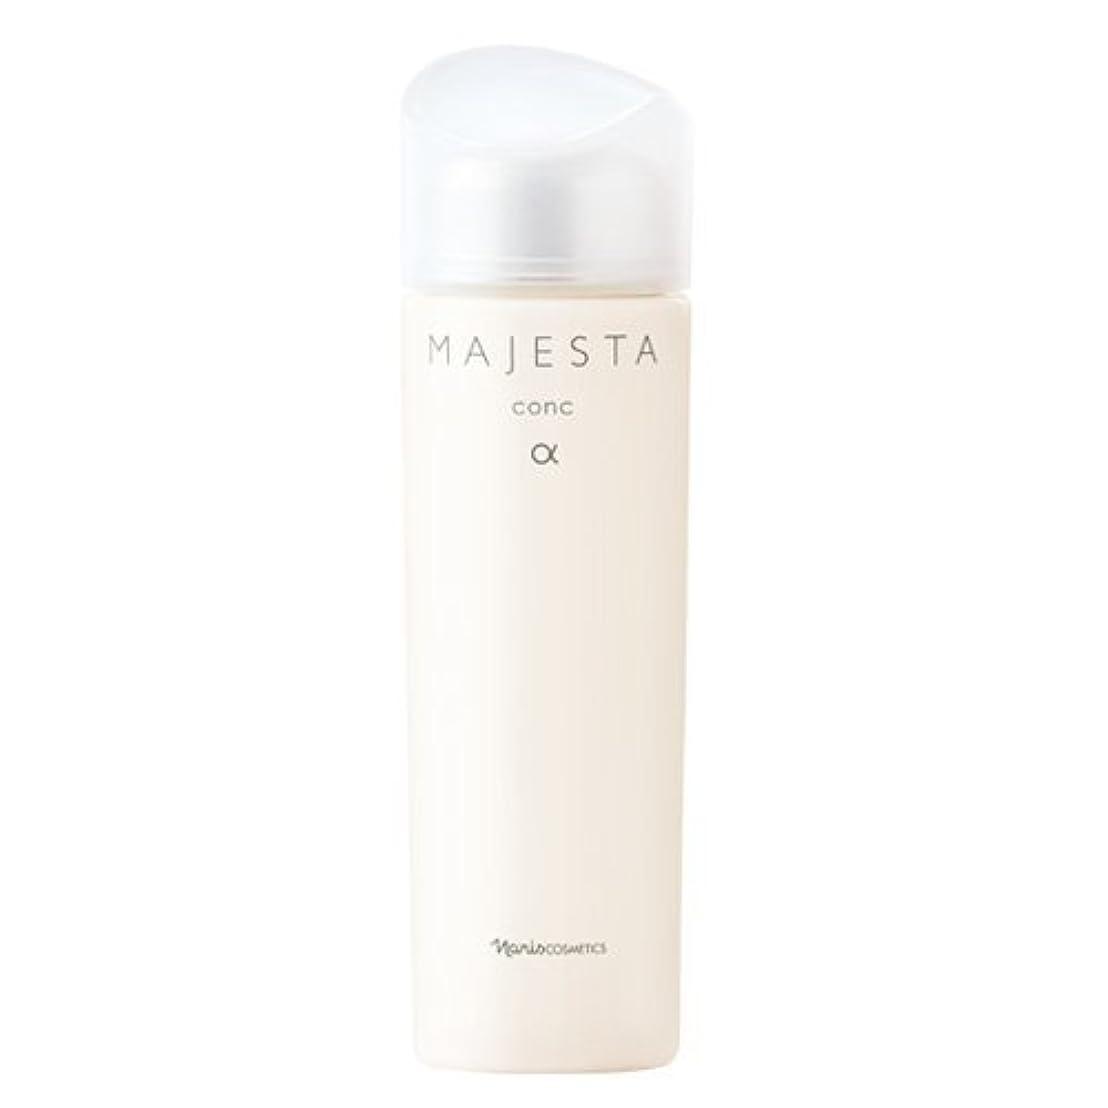 重要な役割を果たす、中心的な手段となる高揚したメダリストナリス化粧品マジェスタ コンクα (酵素アルカリ)(ふきとり用化粧水)180mL